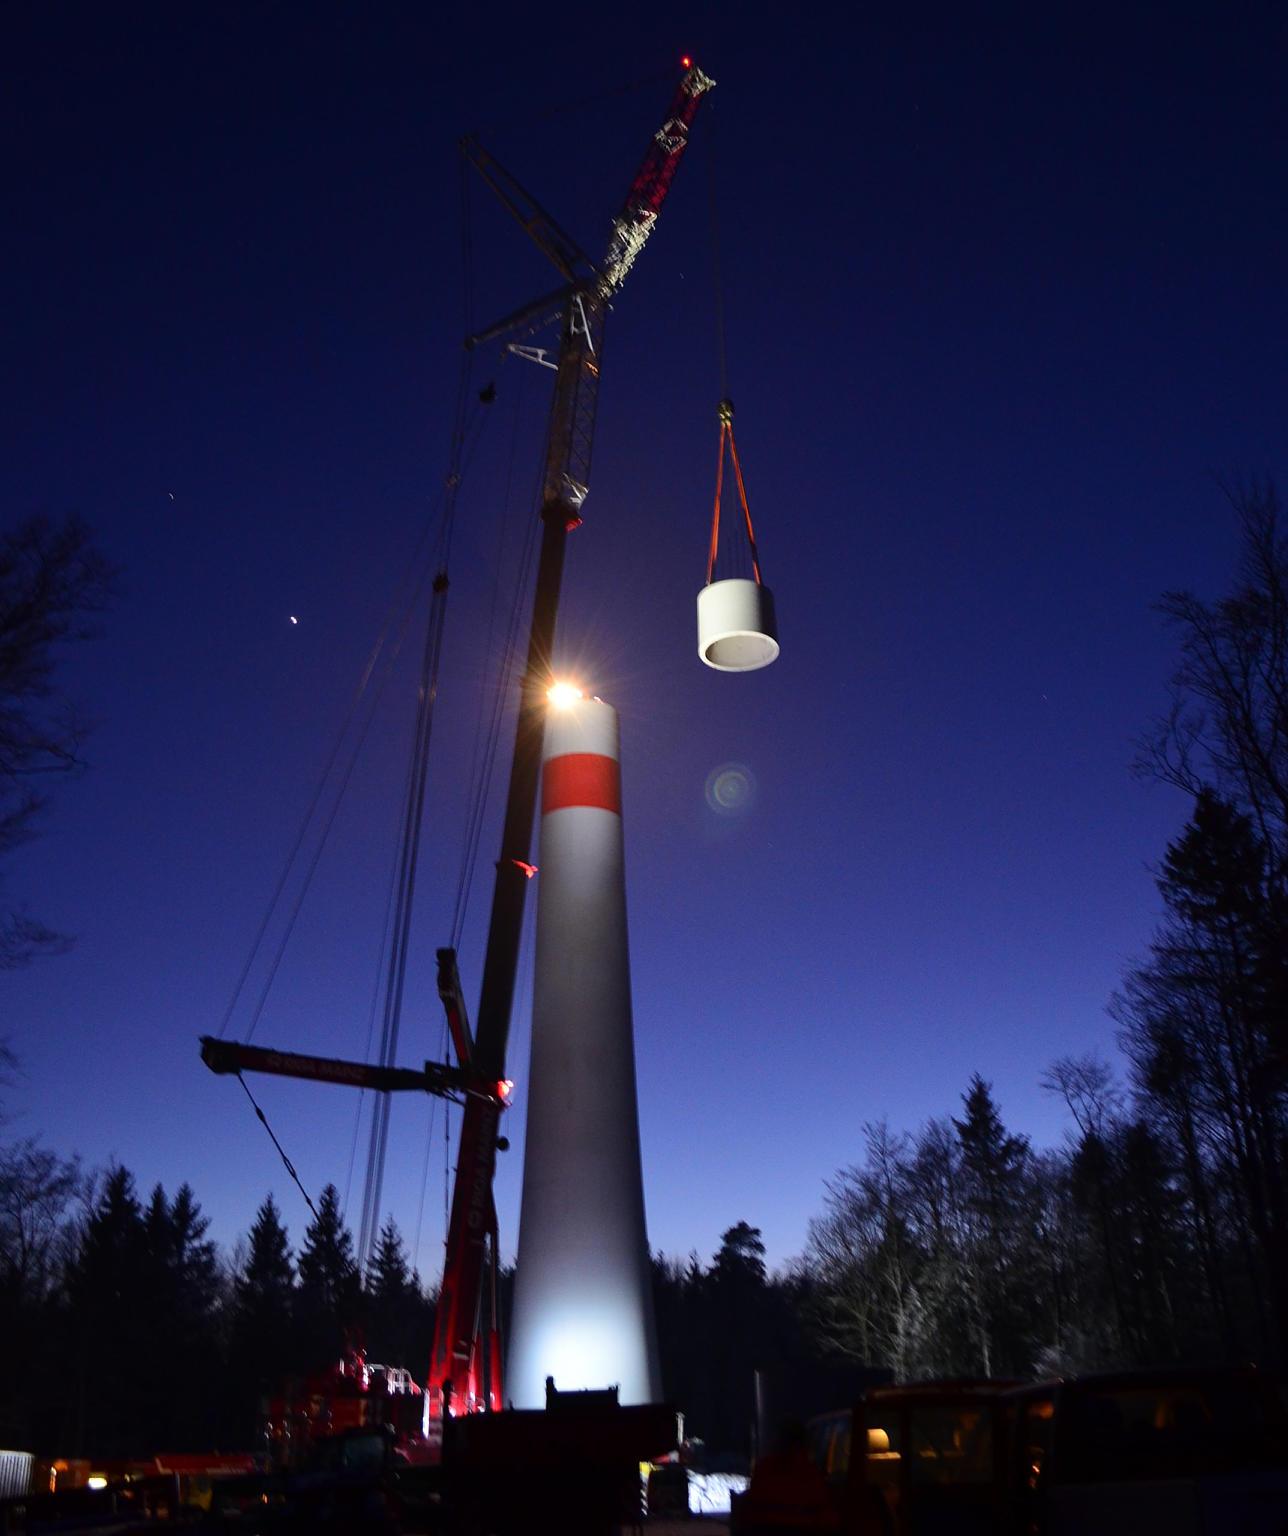 Spektakulär war der Bau der drei Windräder in Wiechs am Randen ab Sommer 2016. Auch nachts wurden Betonteile angeliefert und montiert. Archiv-Bild: Franz Bollin | Bild: Franz Bollin